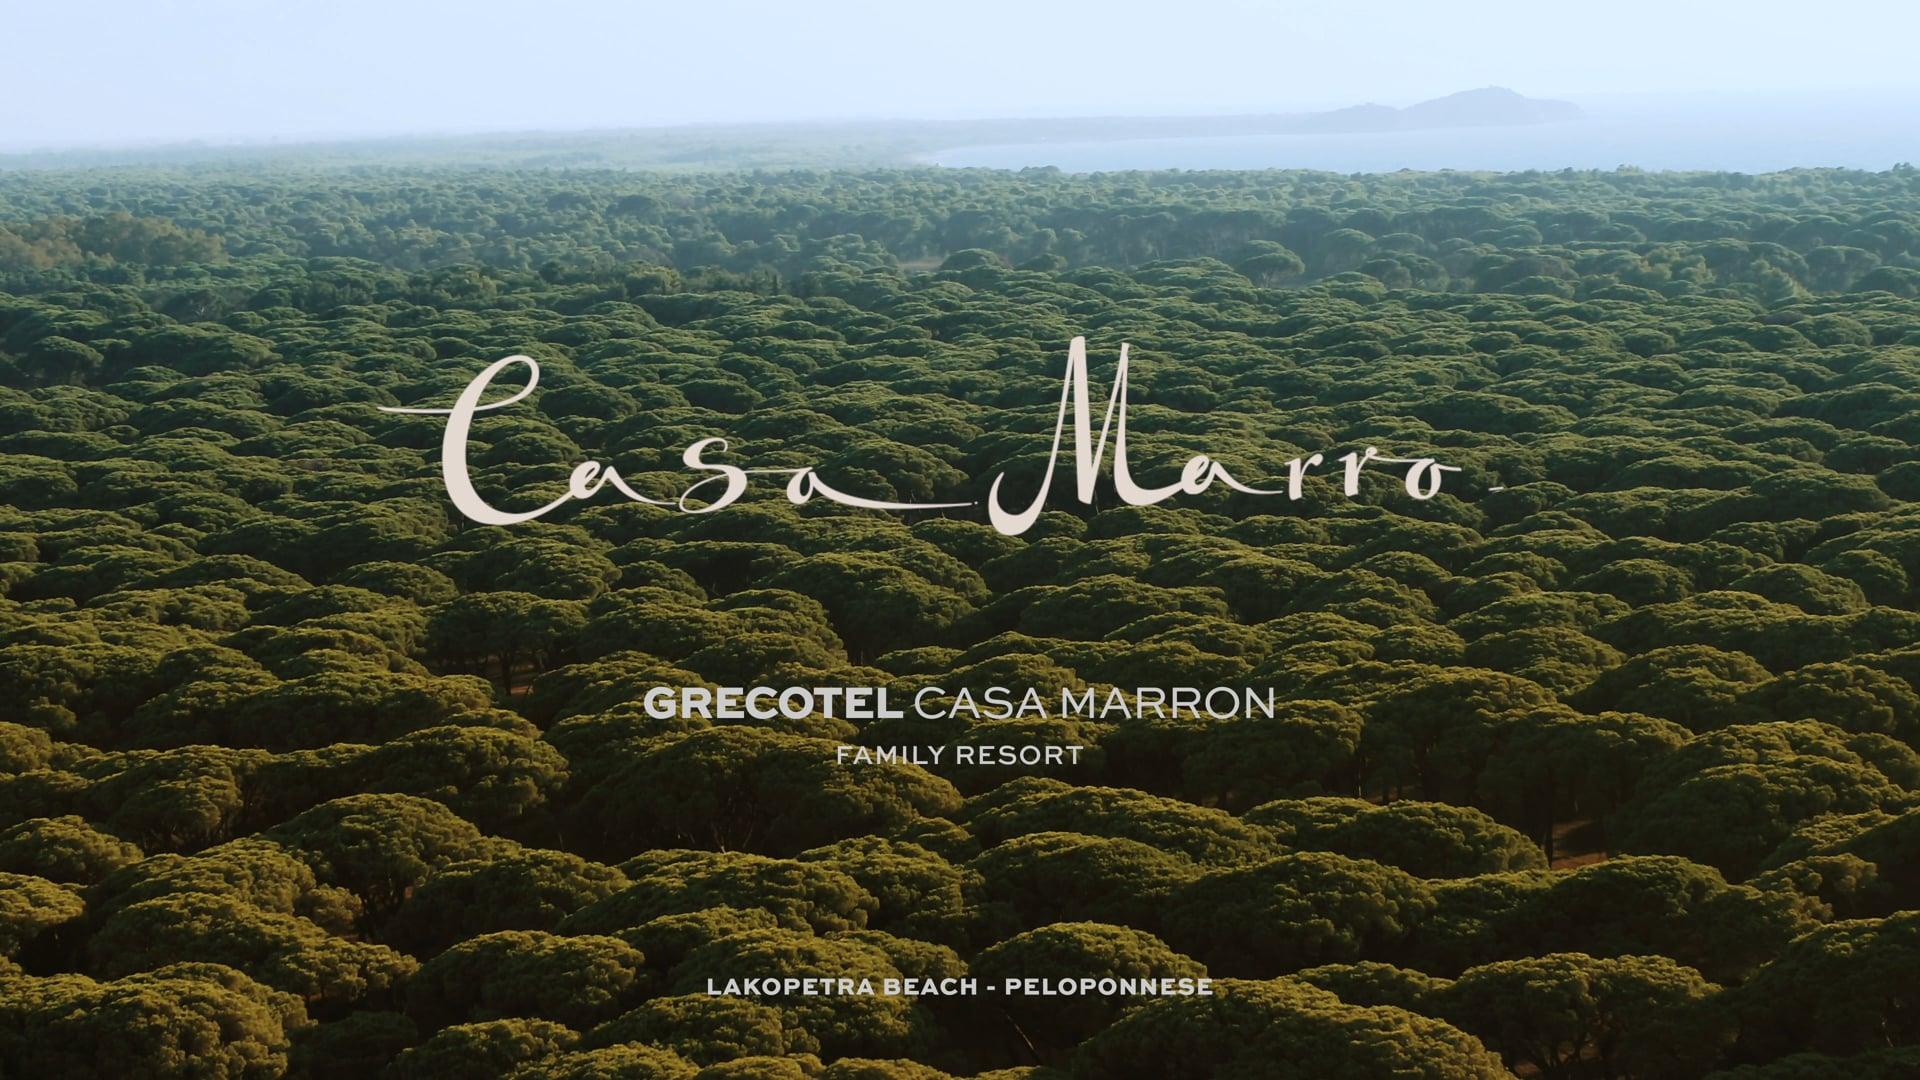 Casa Marron Grecotel